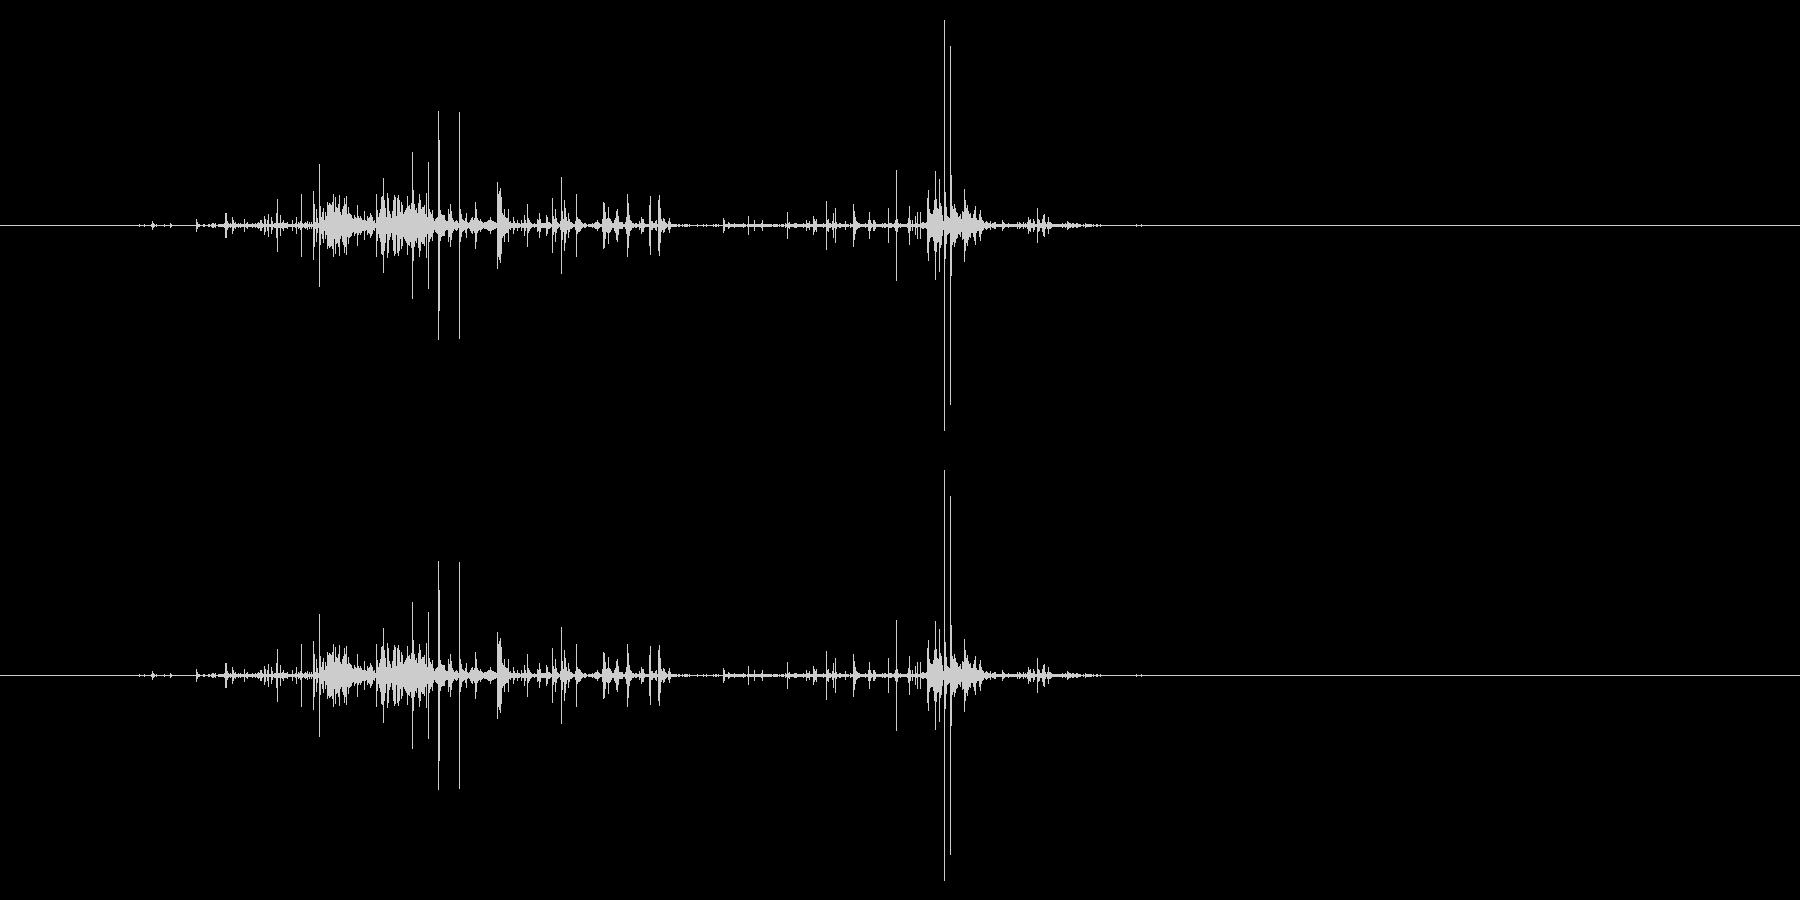 モンスターの口が開くような音2の未再生の波形